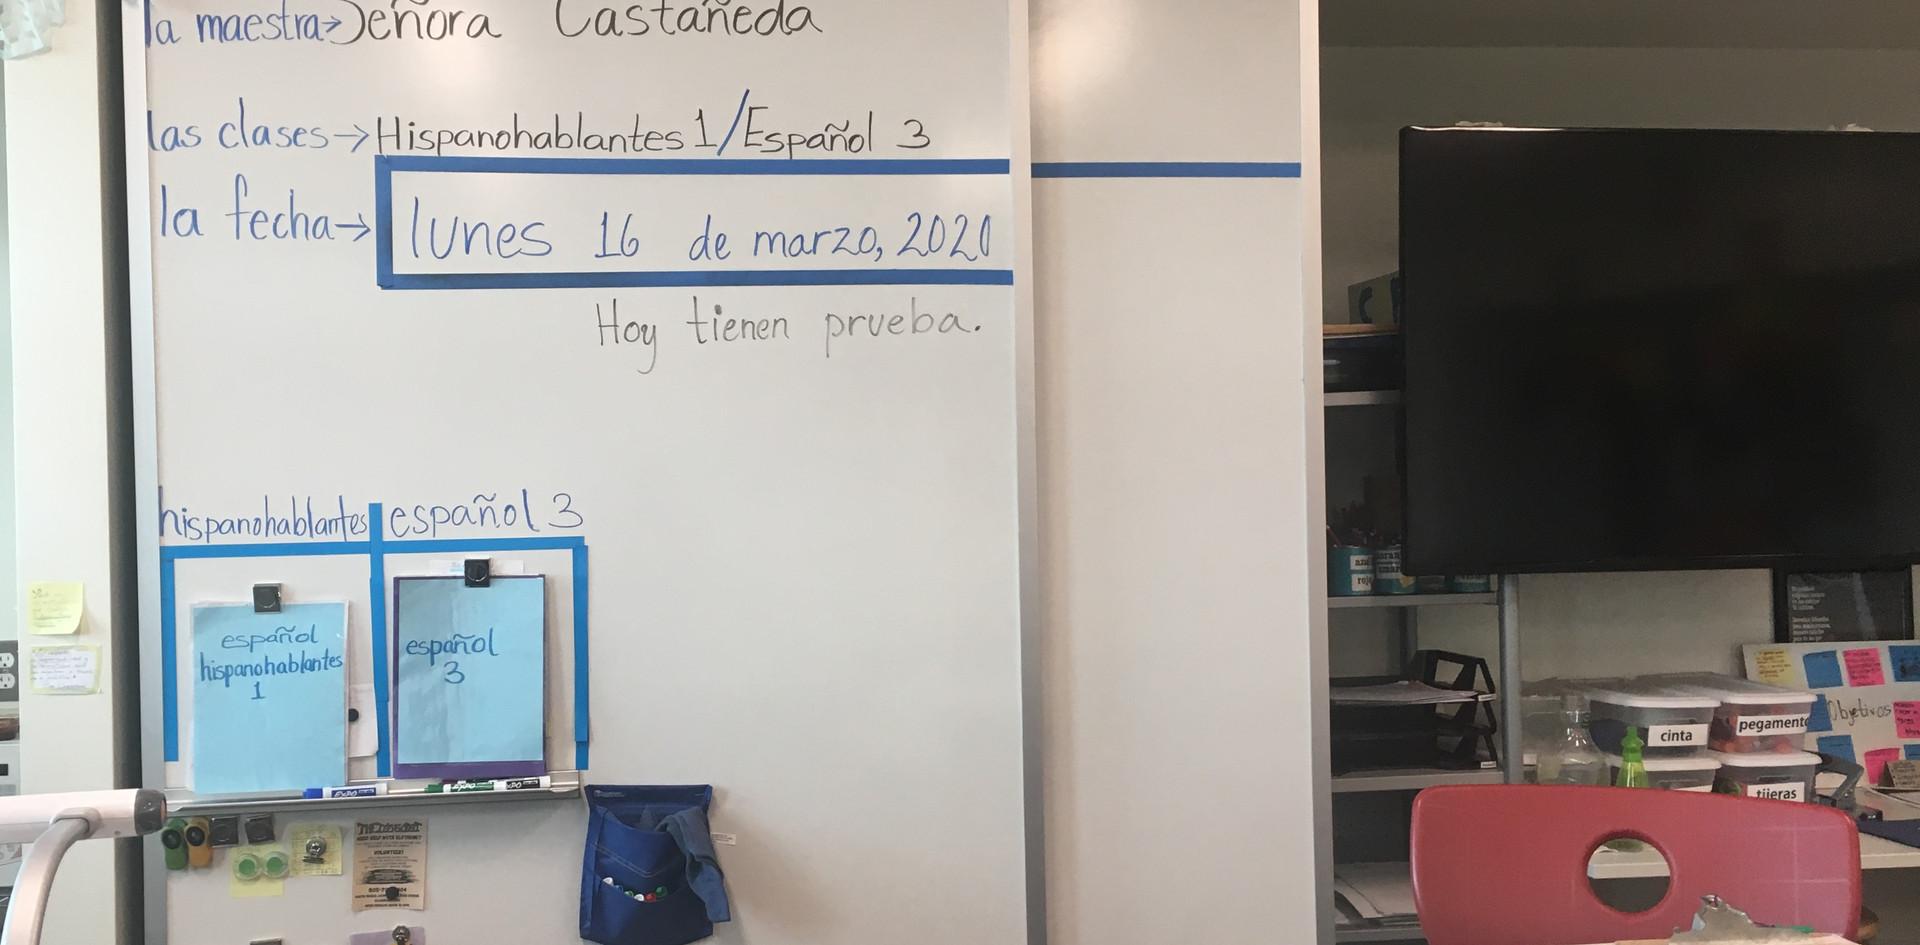 ENEDINA CASTAÑEDA